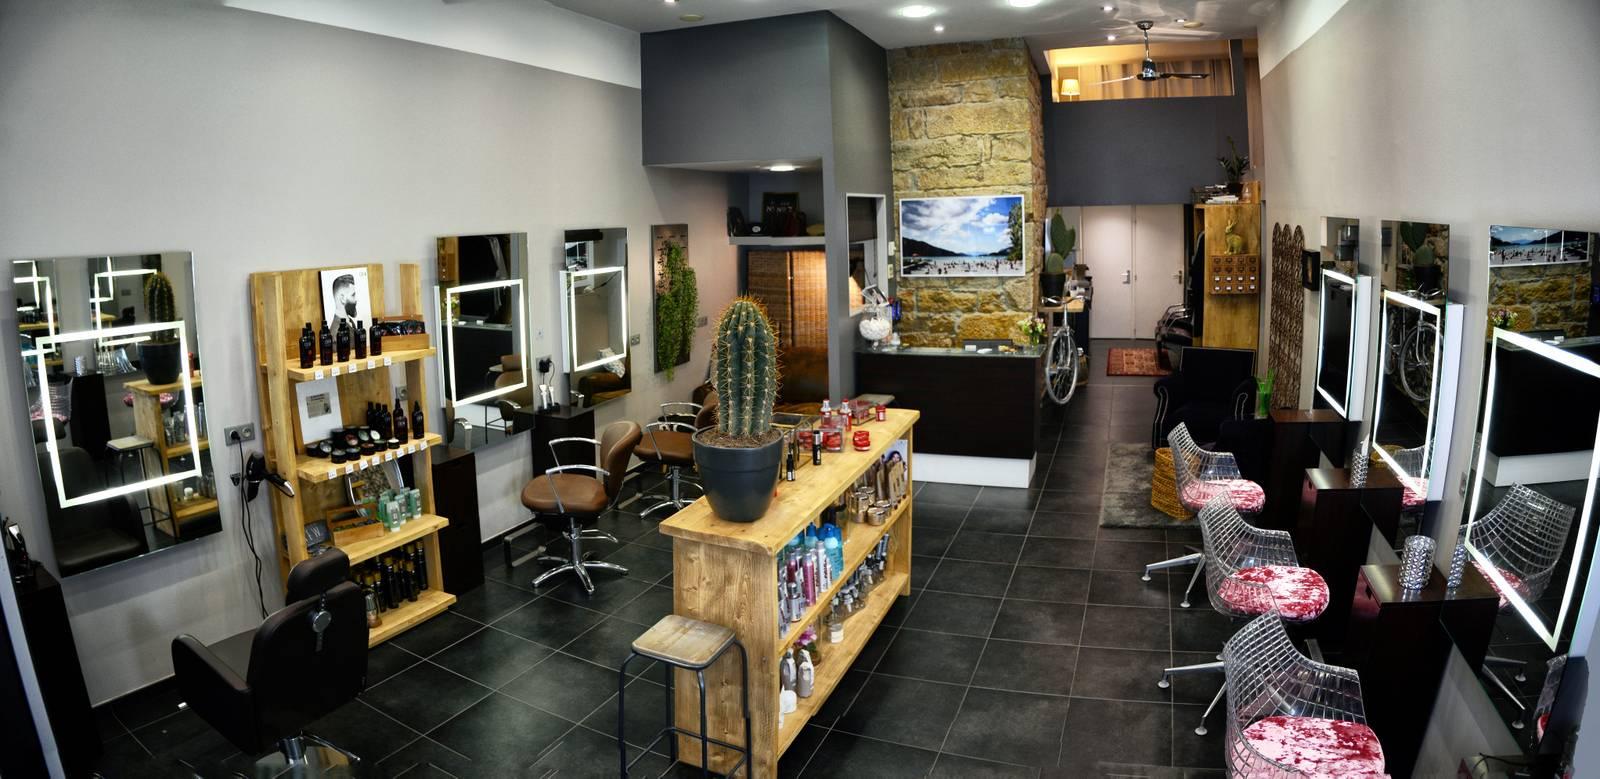 salon de coiffure visagiste lyon 2 bellecour salon de coiffure homme femme lyon 2. Black Bedroom Furniture Sets. Home Design Ideas